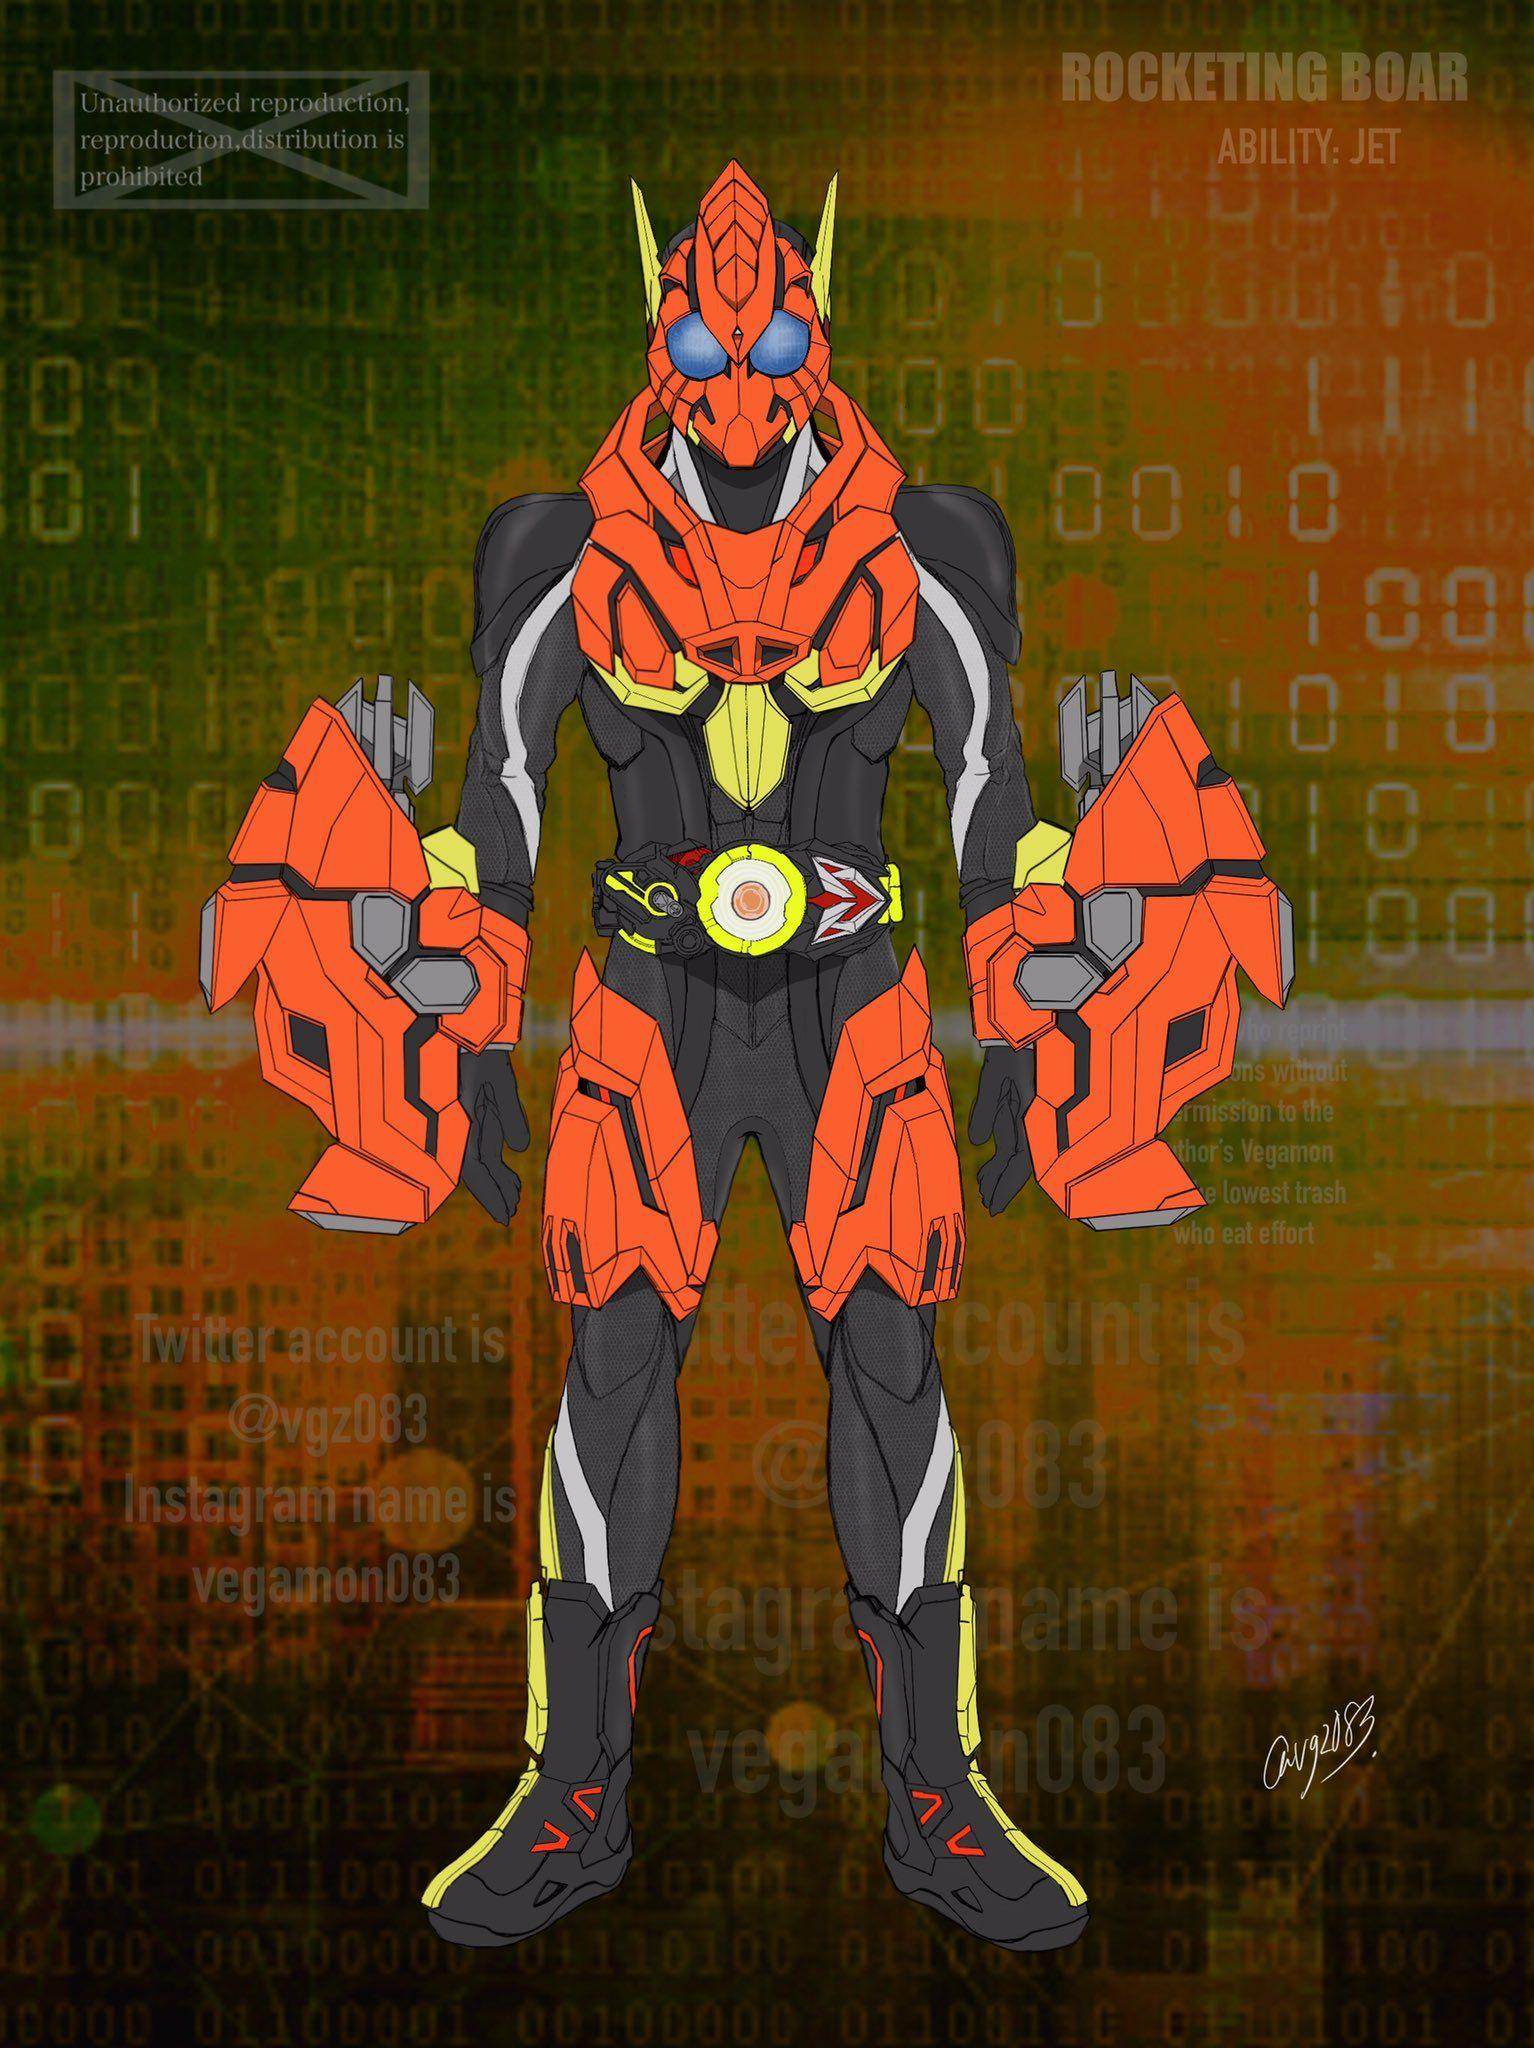 ベガもん on Kamen rider, Anime, Zero one